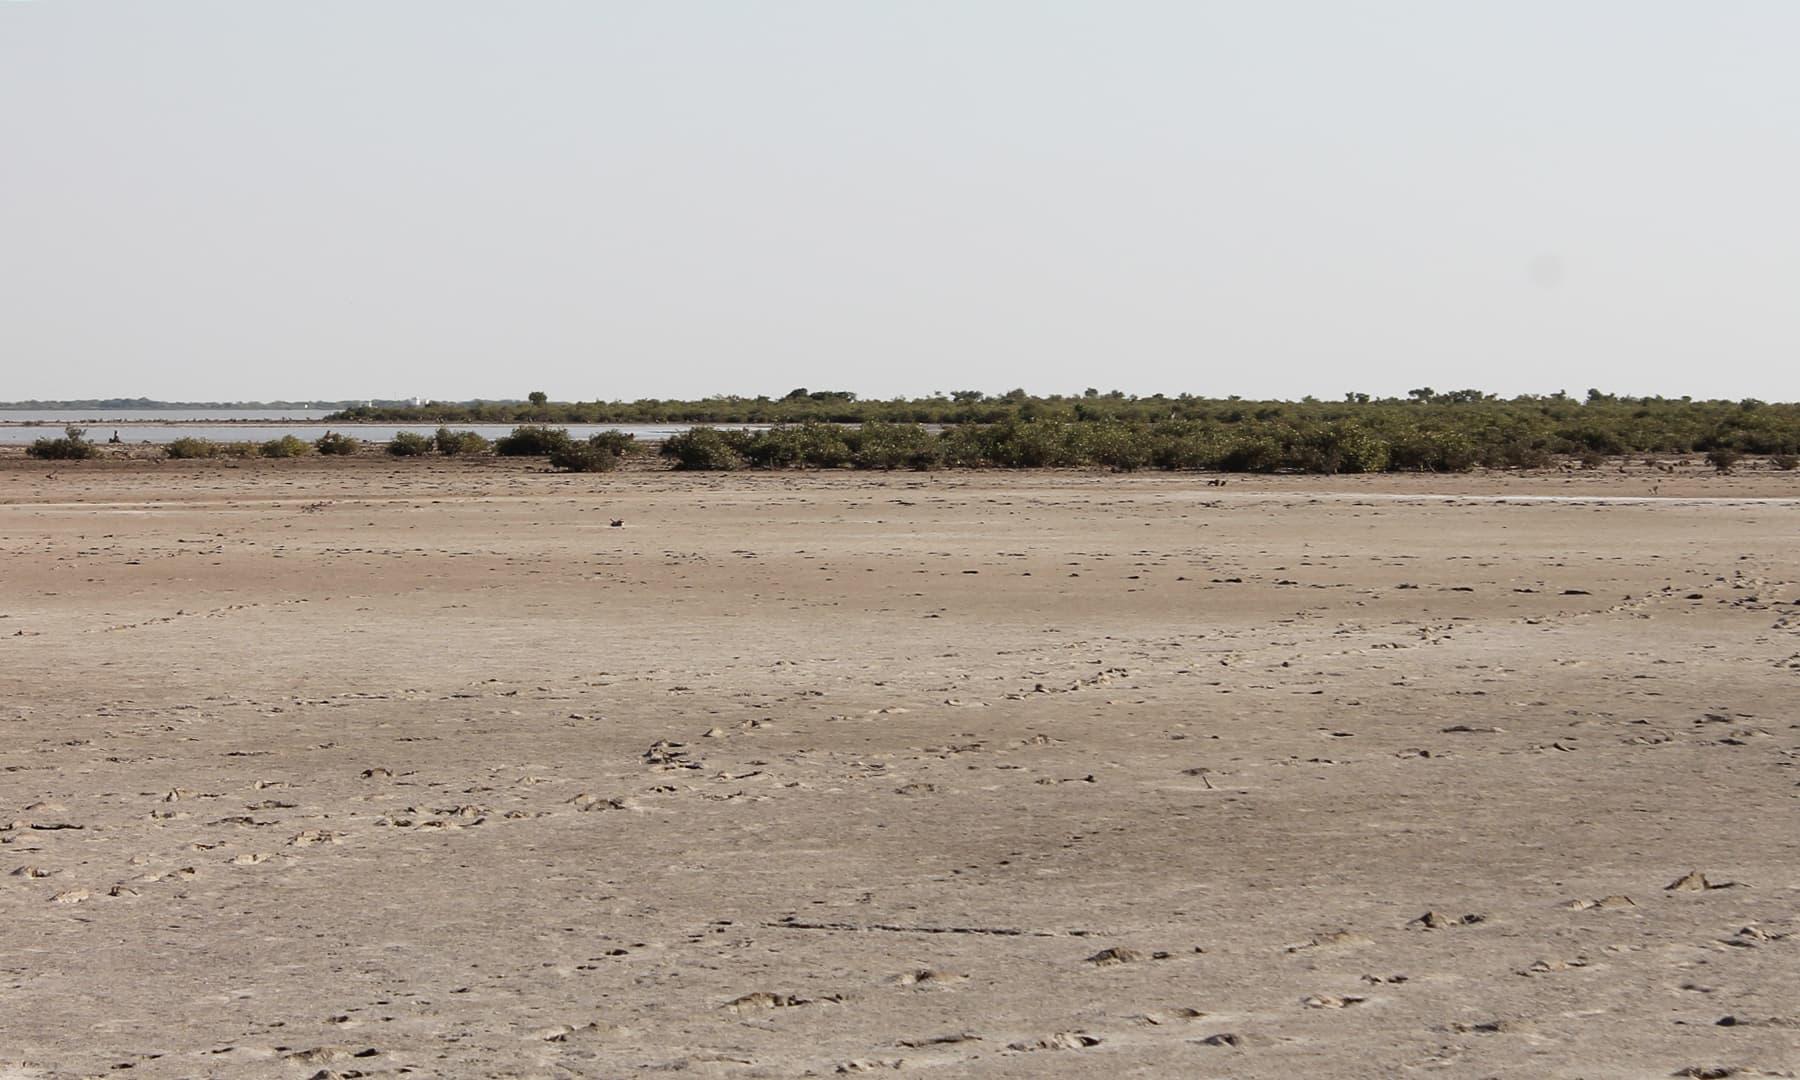 انڈس ڈیلٹا کی موجودہ زمینی پٹی 16 ہزار مربع میل یعنی 41 ہزار 440 مربع کلومیٹرز کے رقبے پر پھیلی ہوئی ہے—تصویر ابوبکر شیخ